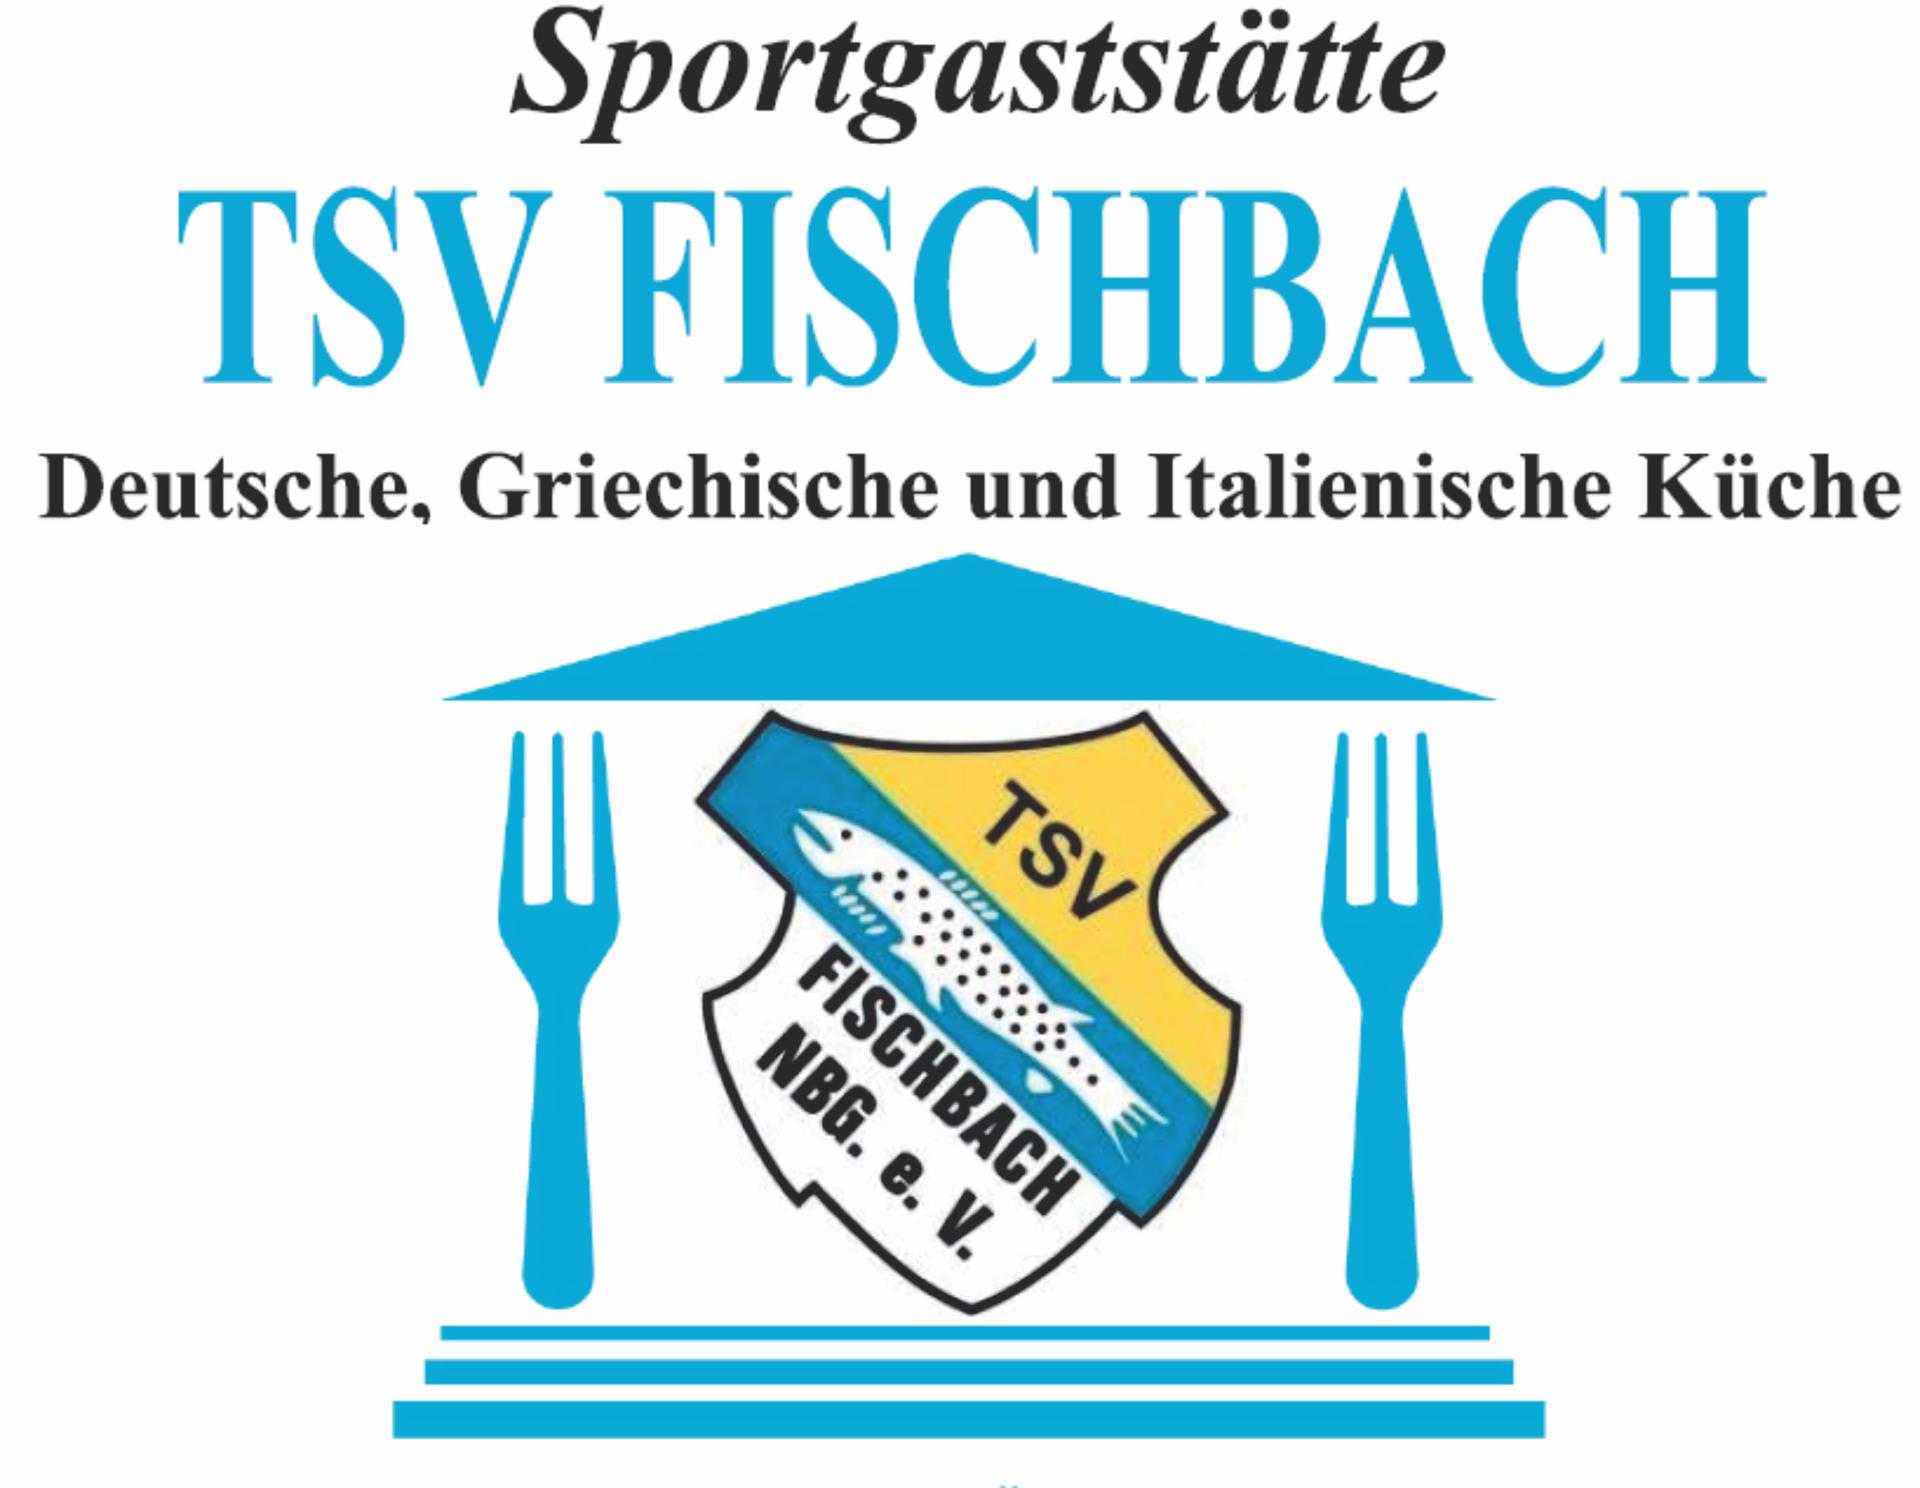 Sportgaststätte TSV Fischbach Griechische italienische und ...